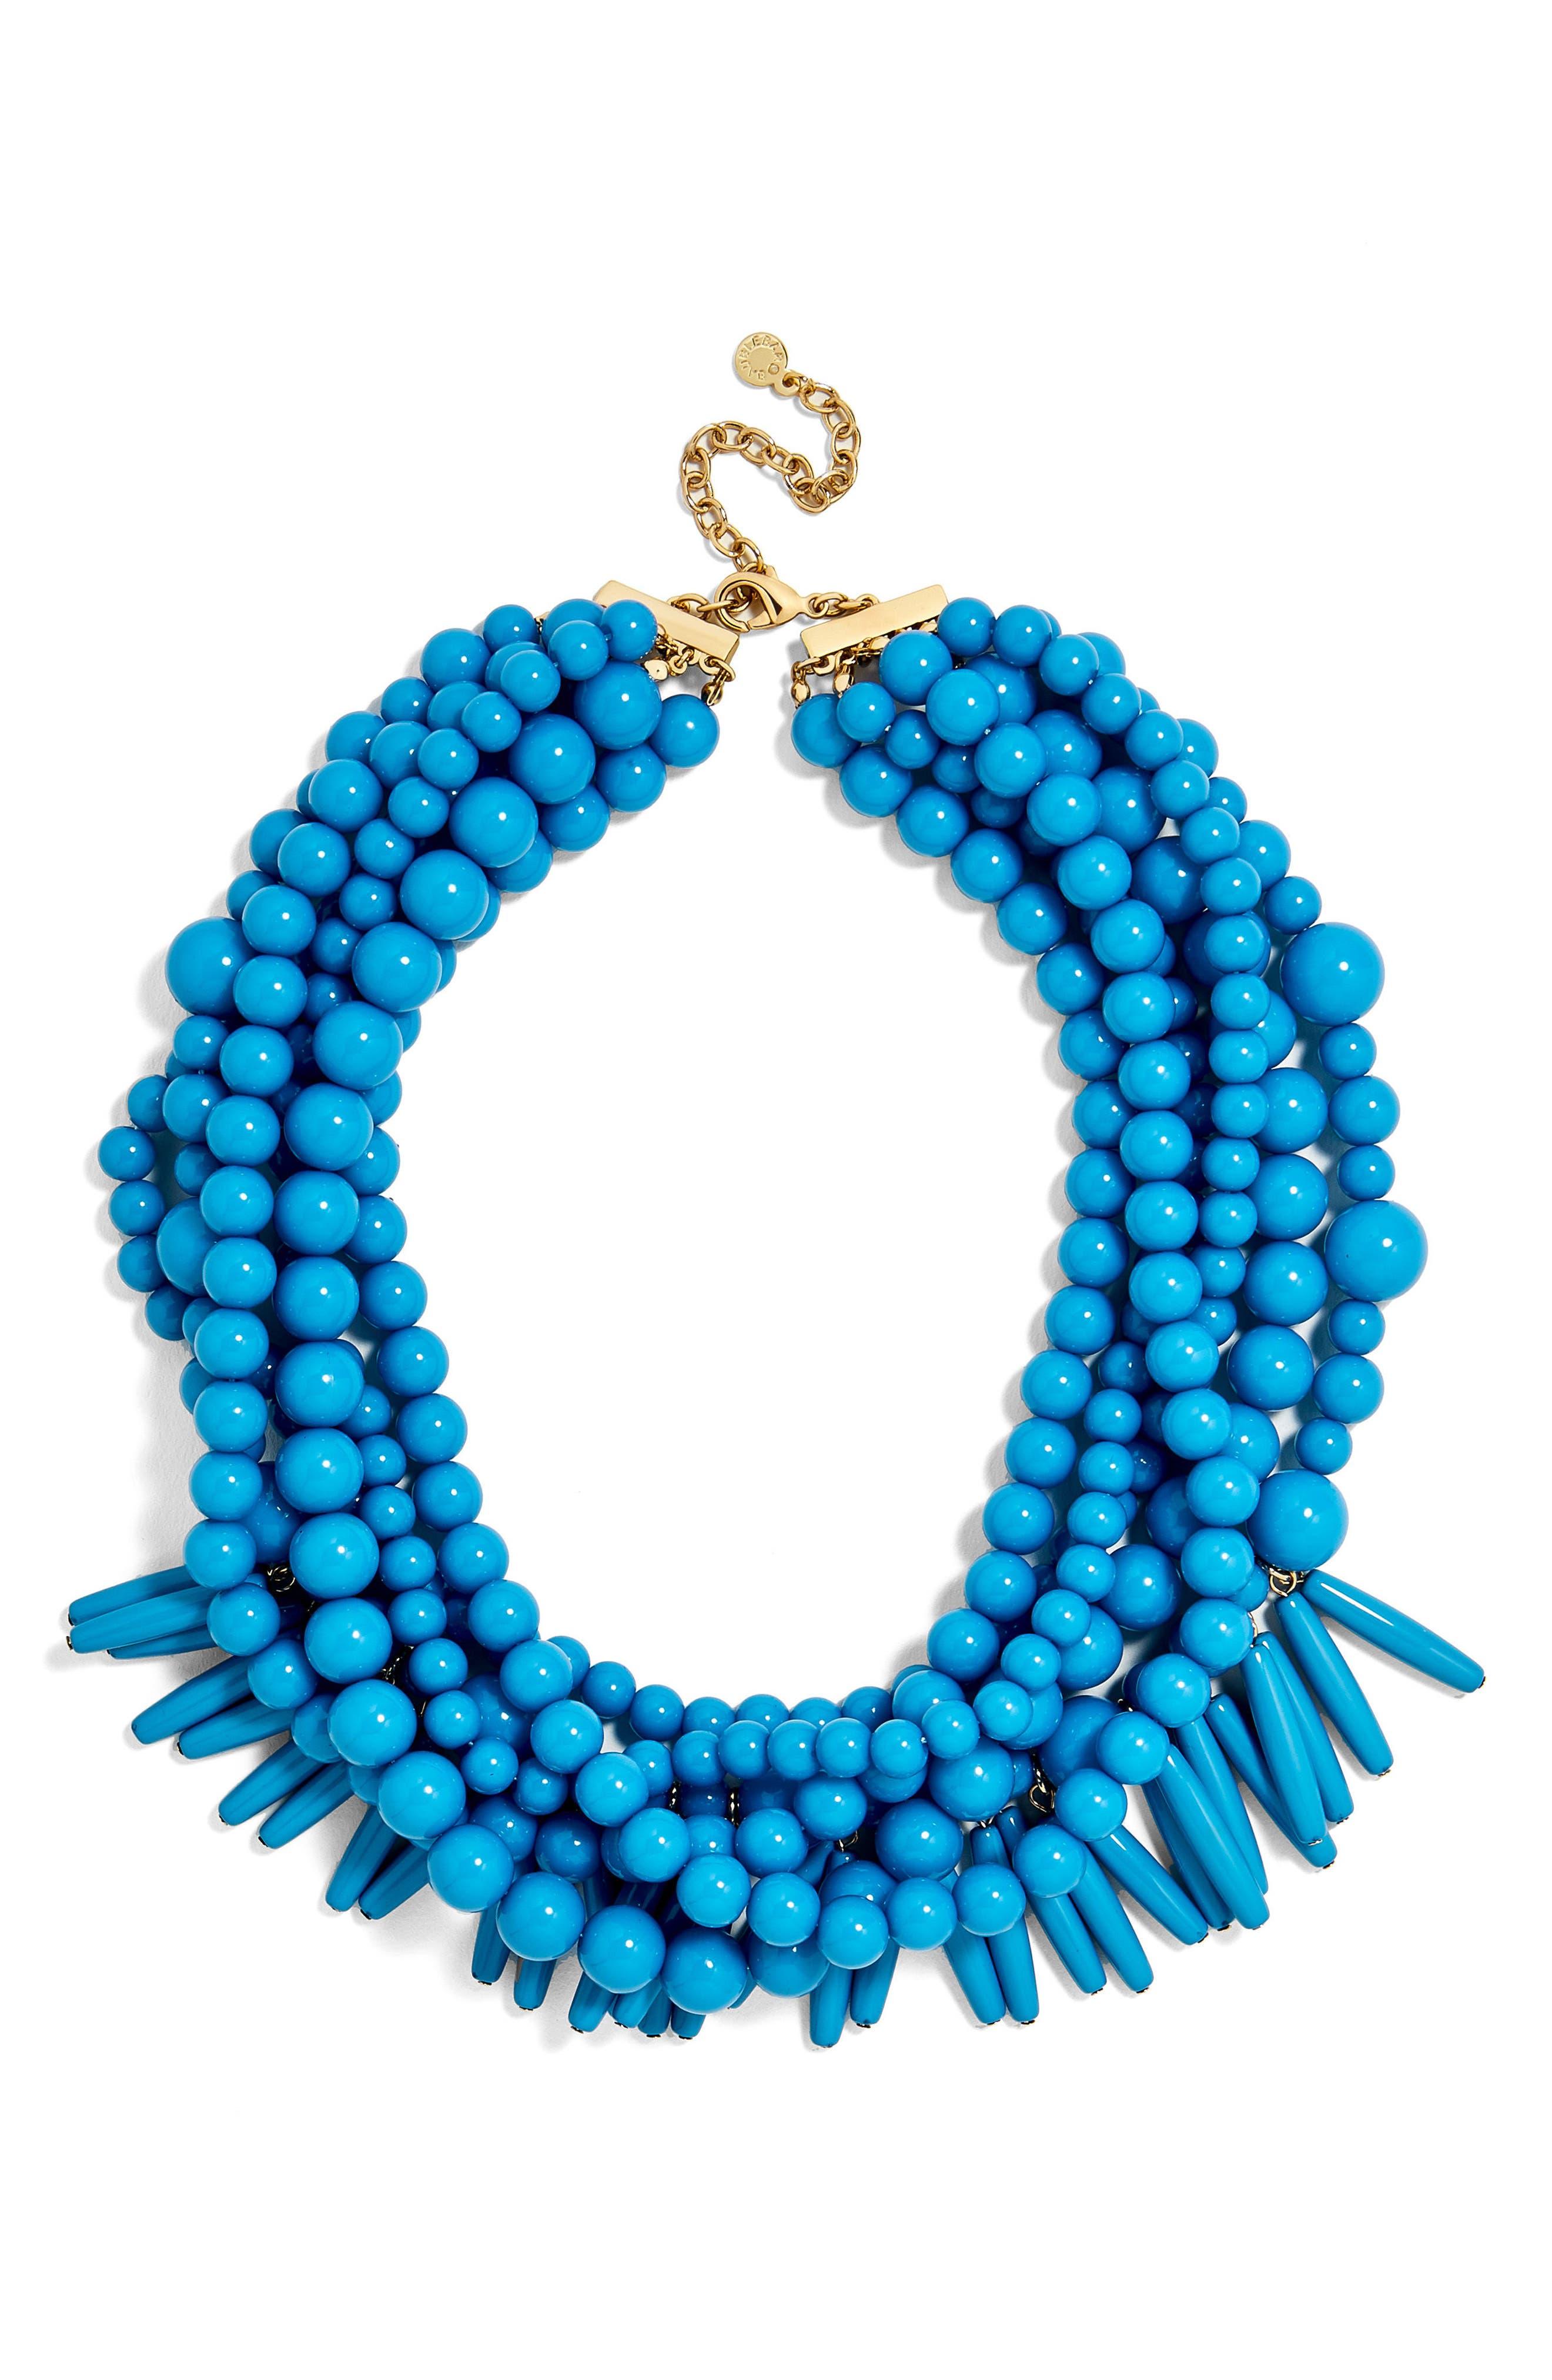 Main Image - BaubleBar Malibu Beaded Necklace